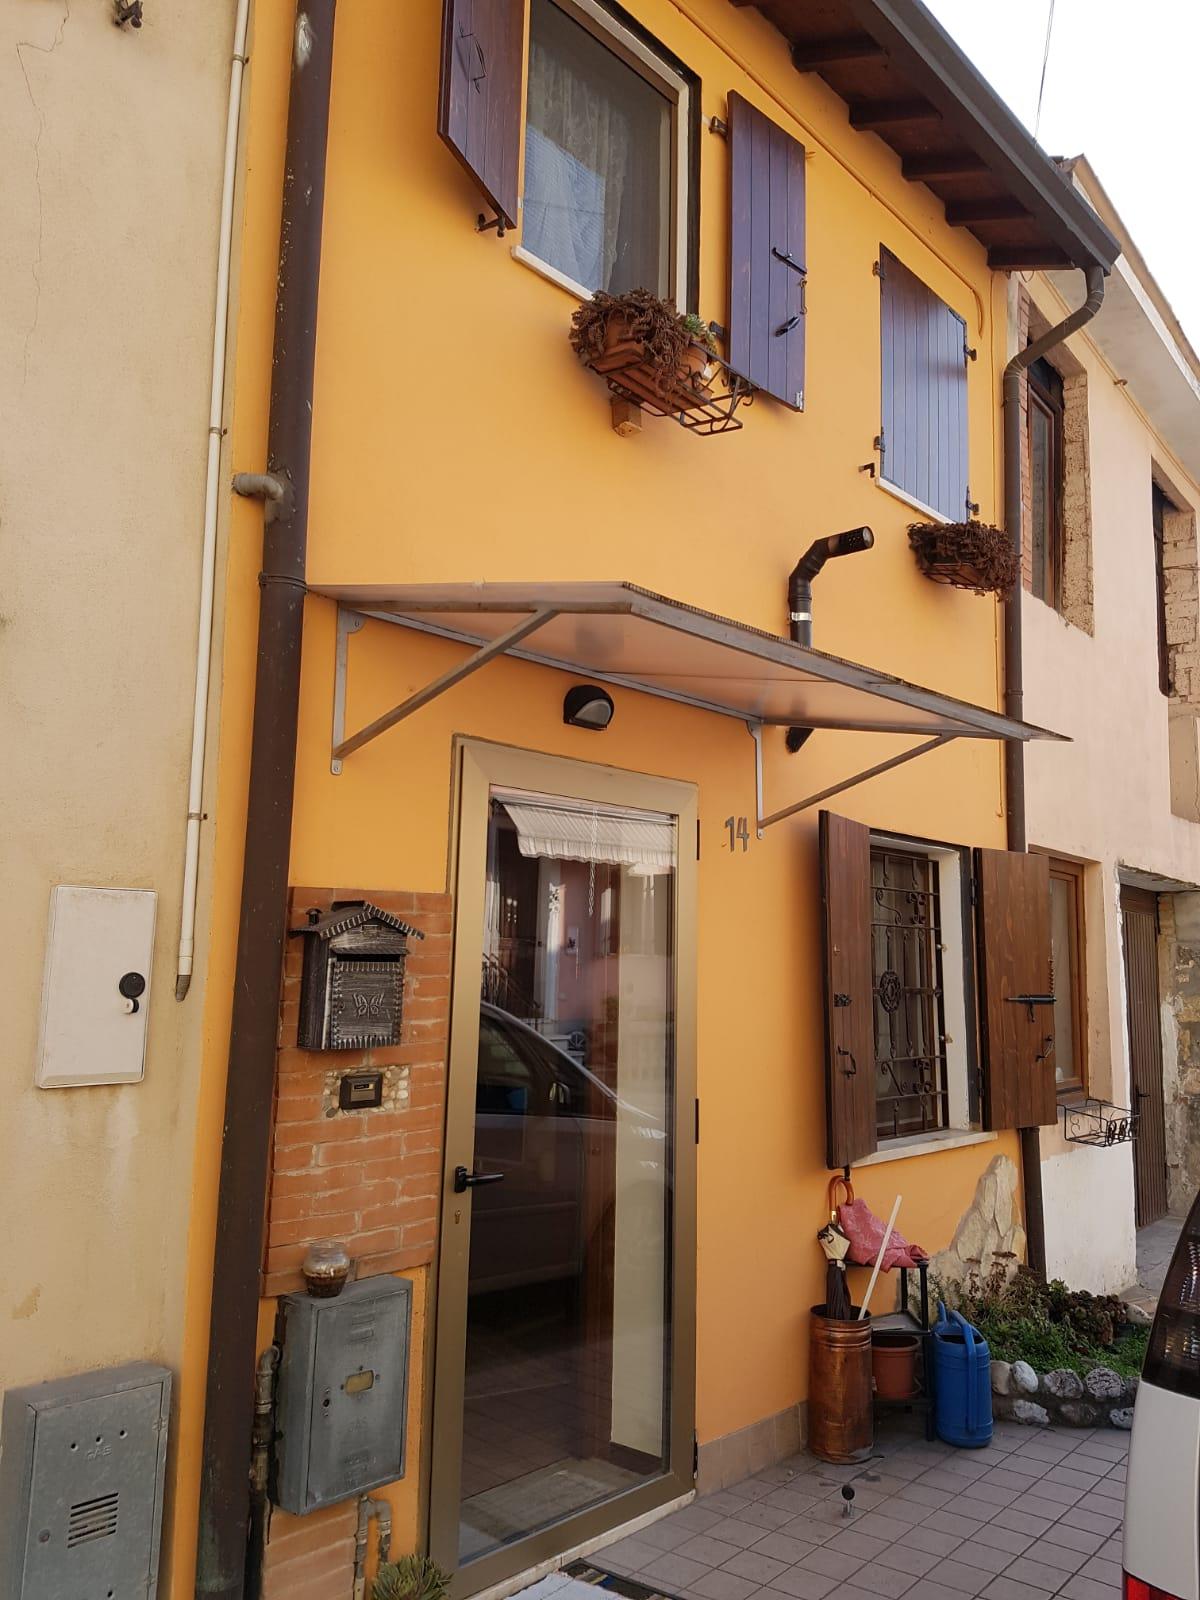 Rustico / Casale in vendita a Caldiero, 5 locali, prezzo € 125.000 | CambioCasa.it